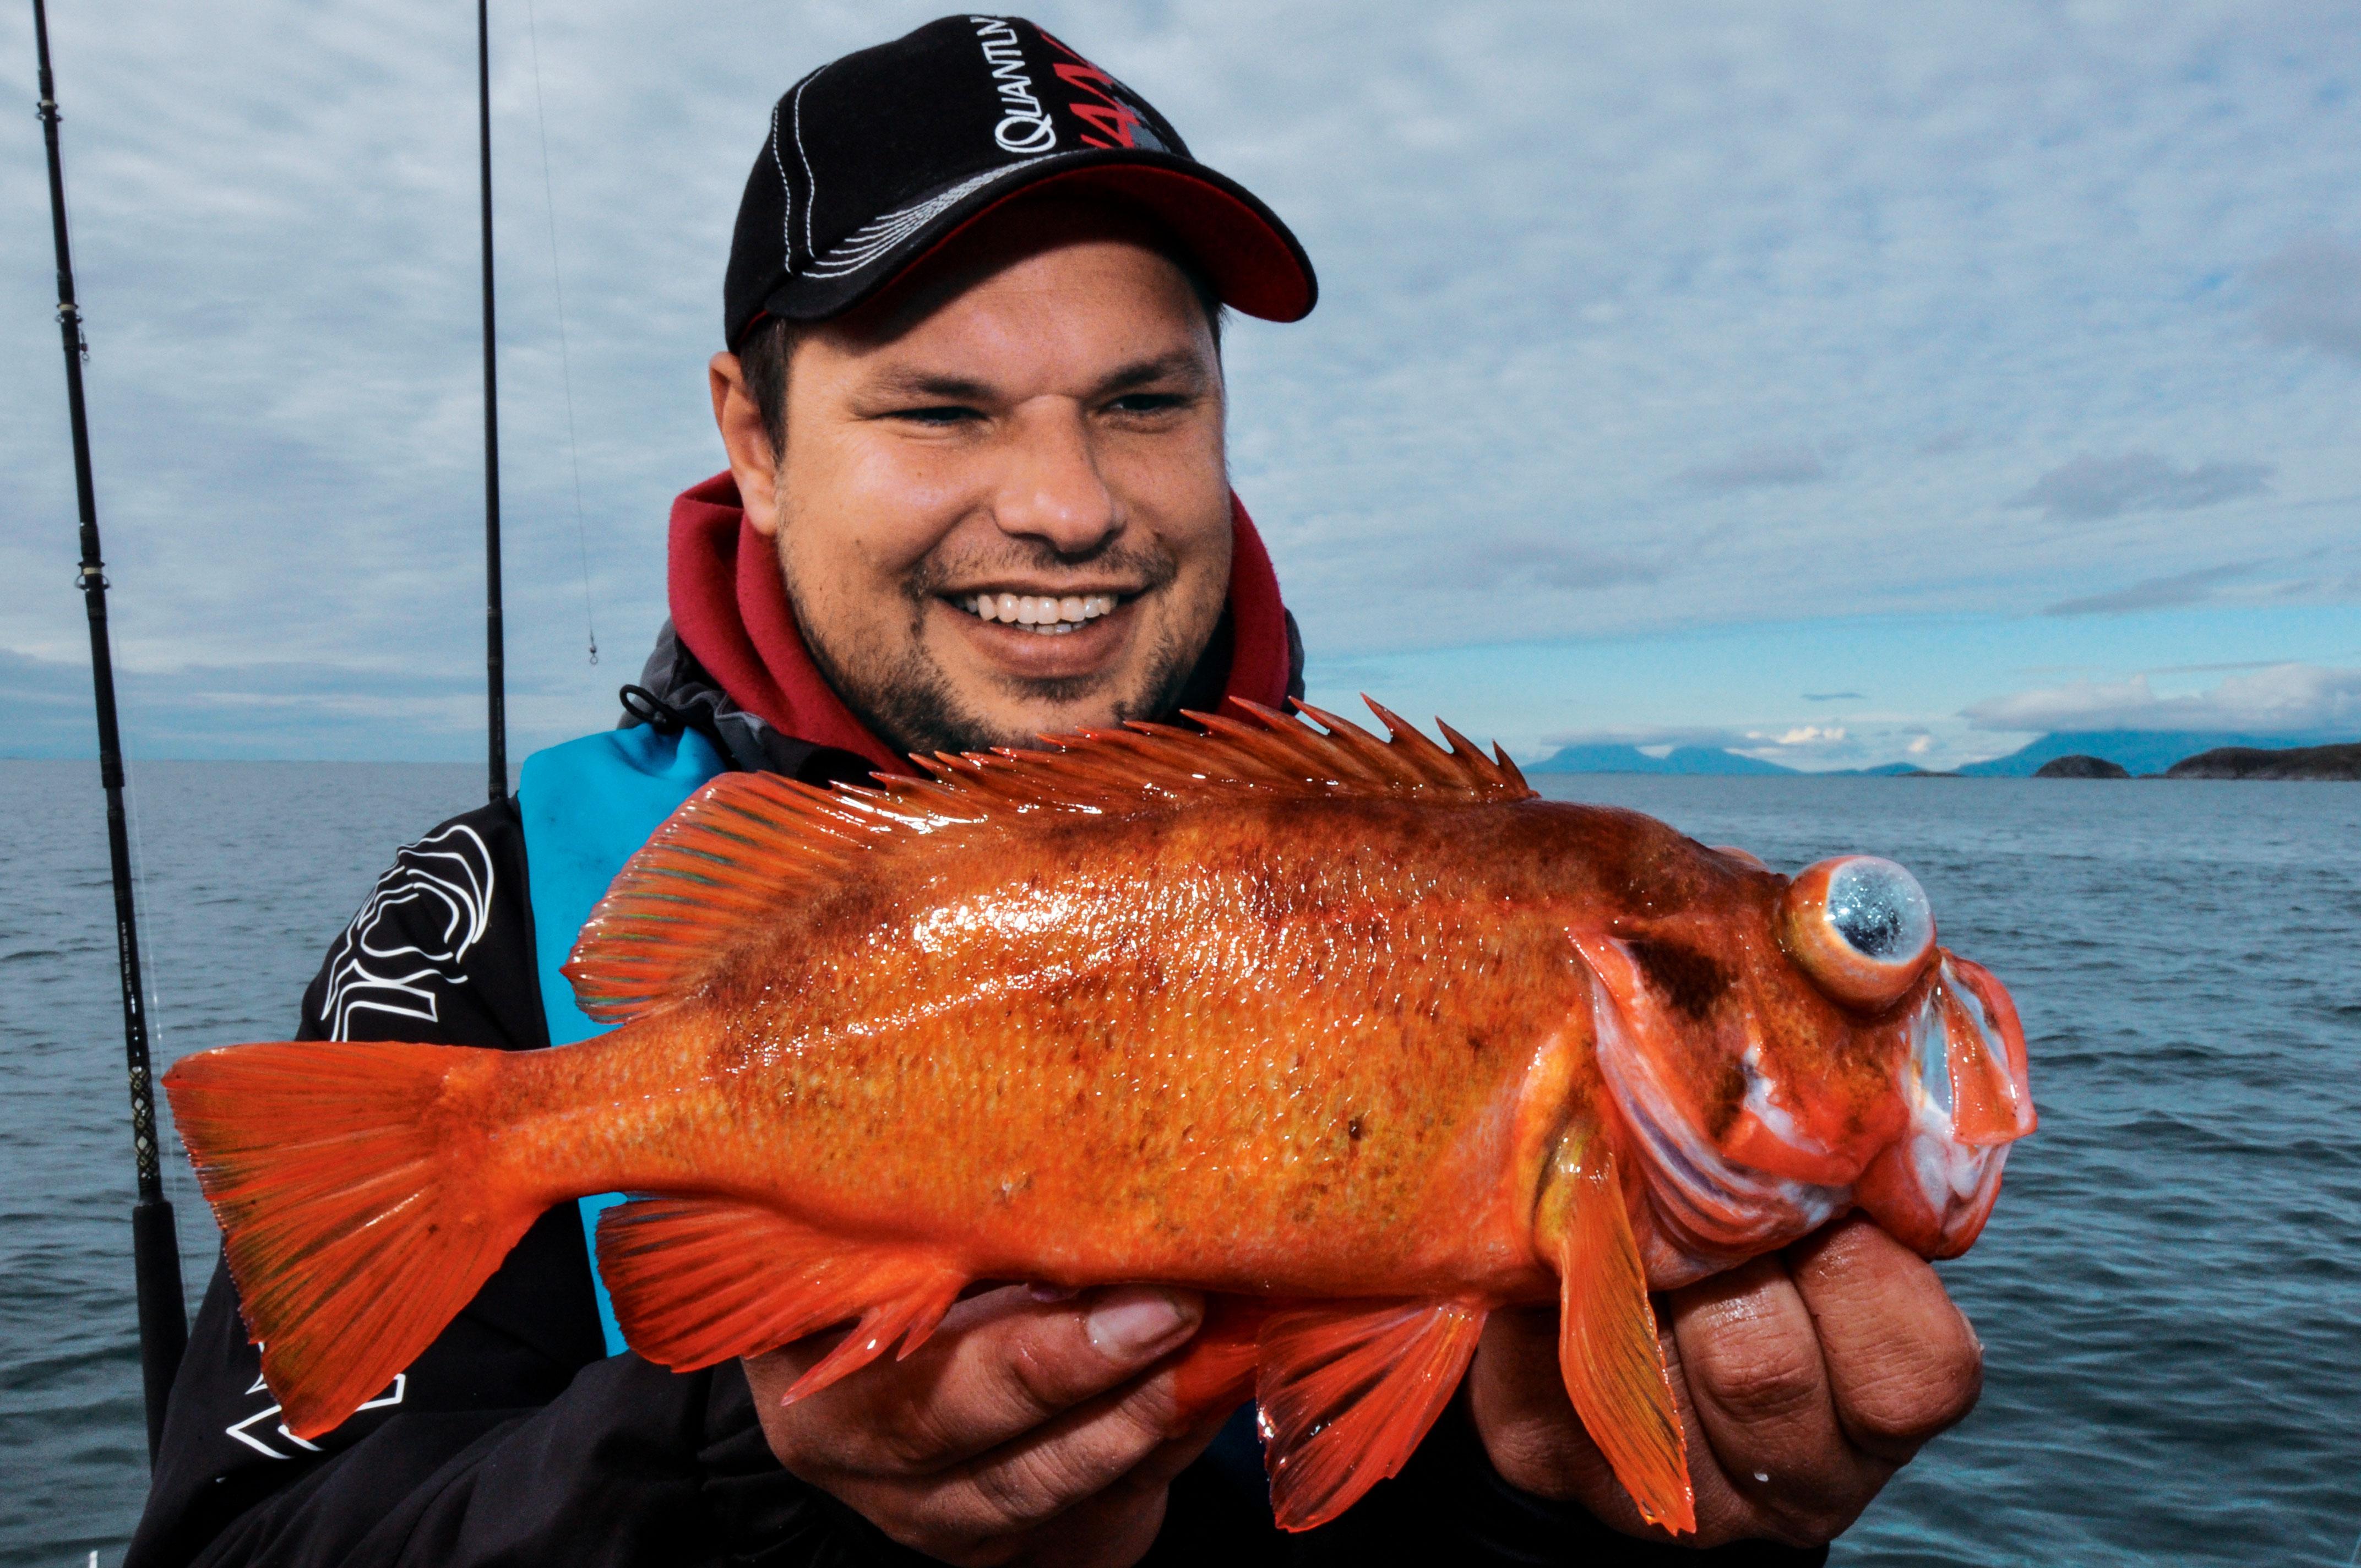 Rotbarsche sind beliebte Zielfische beim Meeresangeln in Norwegen.